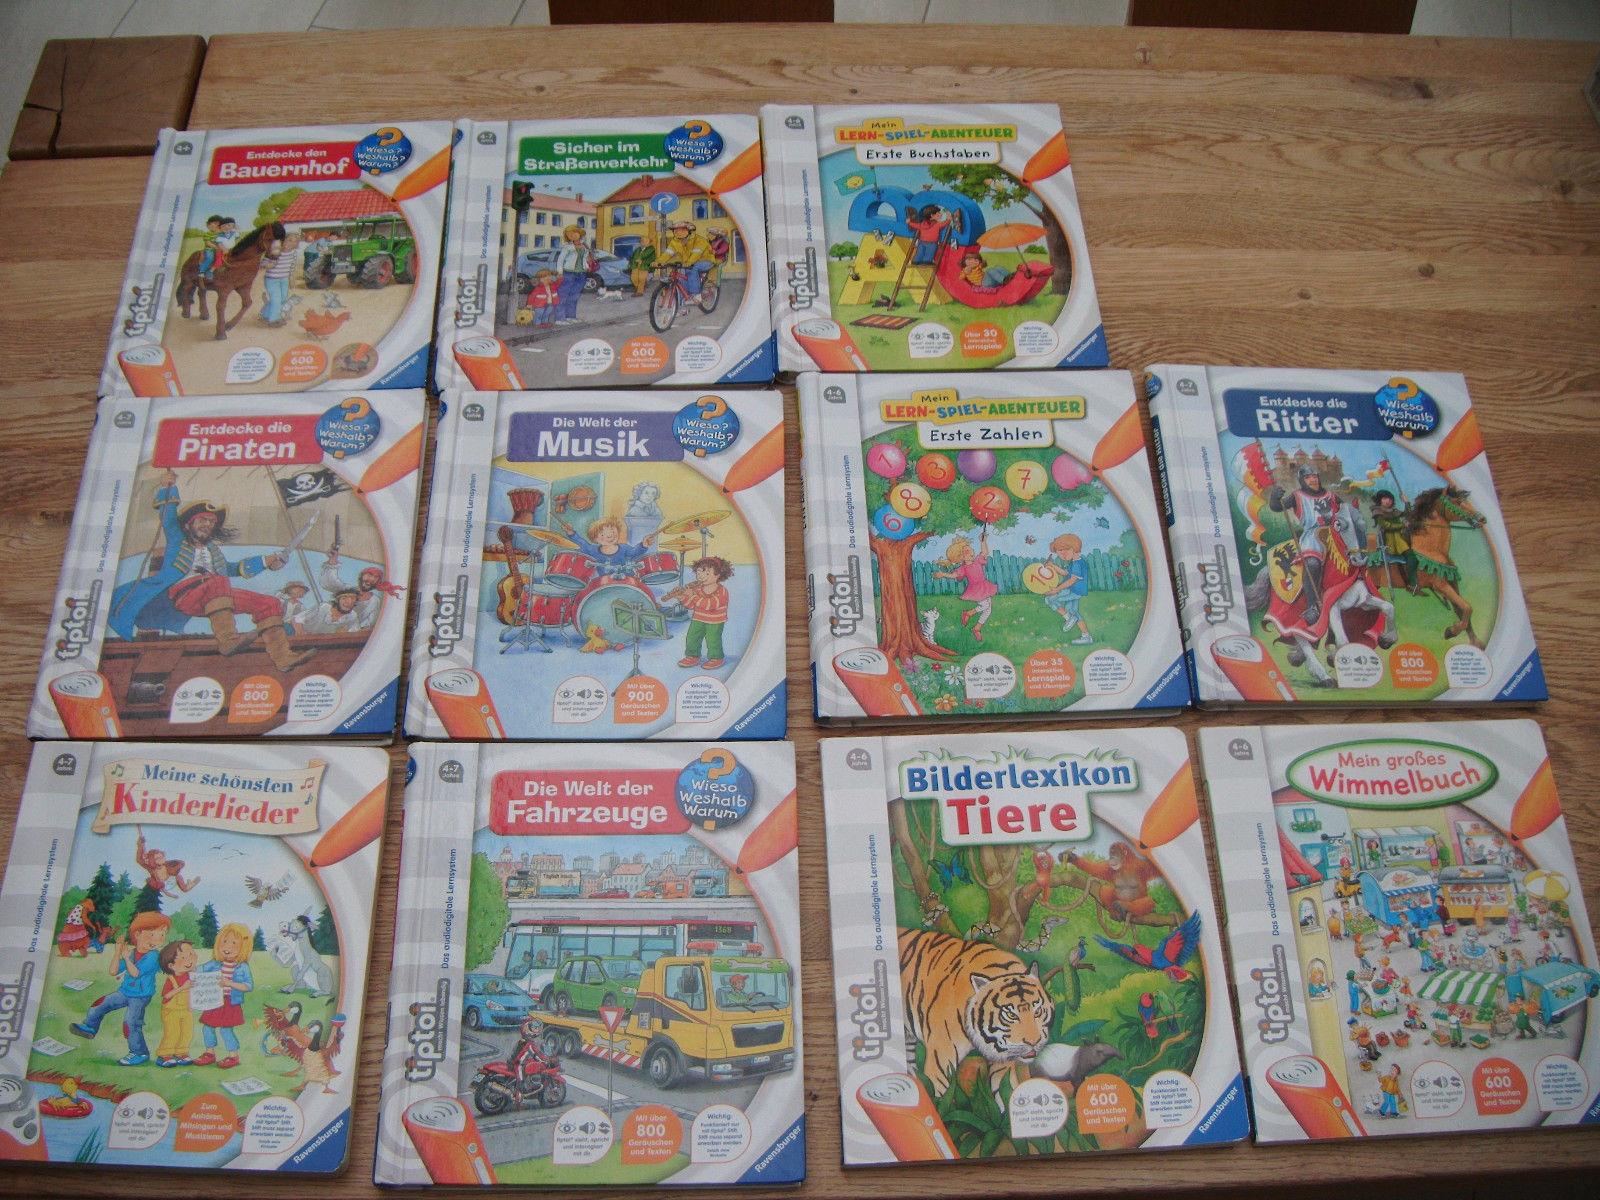 Tip Toi, Tiptoi, Sammlung, Konvolut, Set, 2 Spiele,11 Bücher, 2 Puzzle, 4 - 9 J.